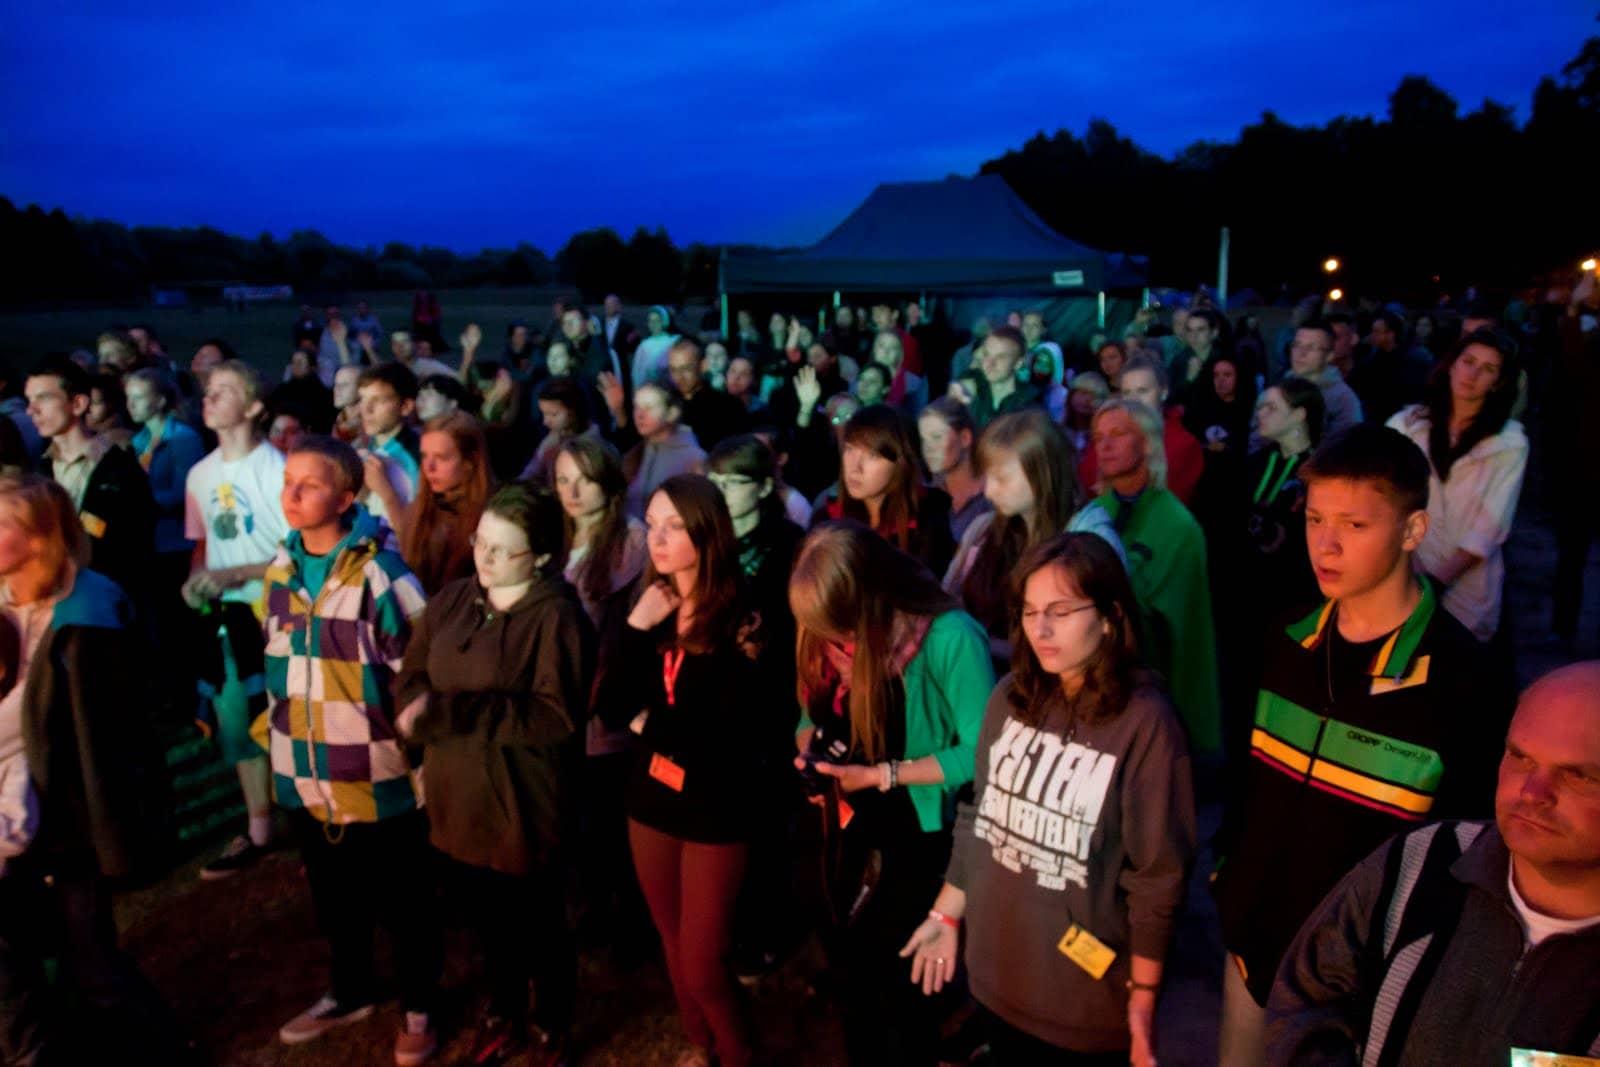 Wspólnota Jednego Ducha, Wieczór Chwały, Wieczór Chwały w Kodniu, 2013.07.23